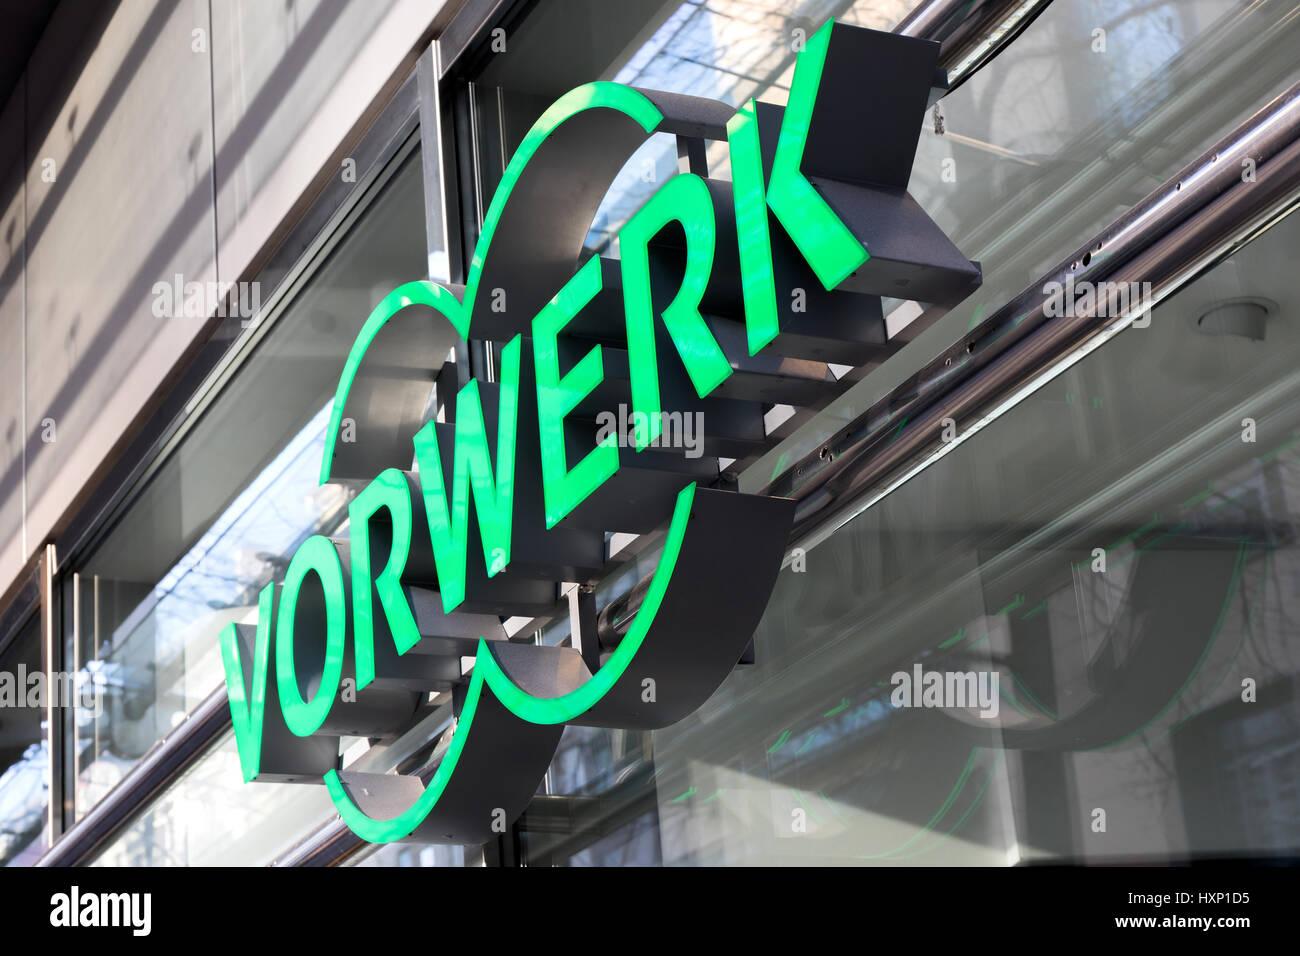 Vorwerk Shop Logo. Vorwerk Verkauft Und Produziert